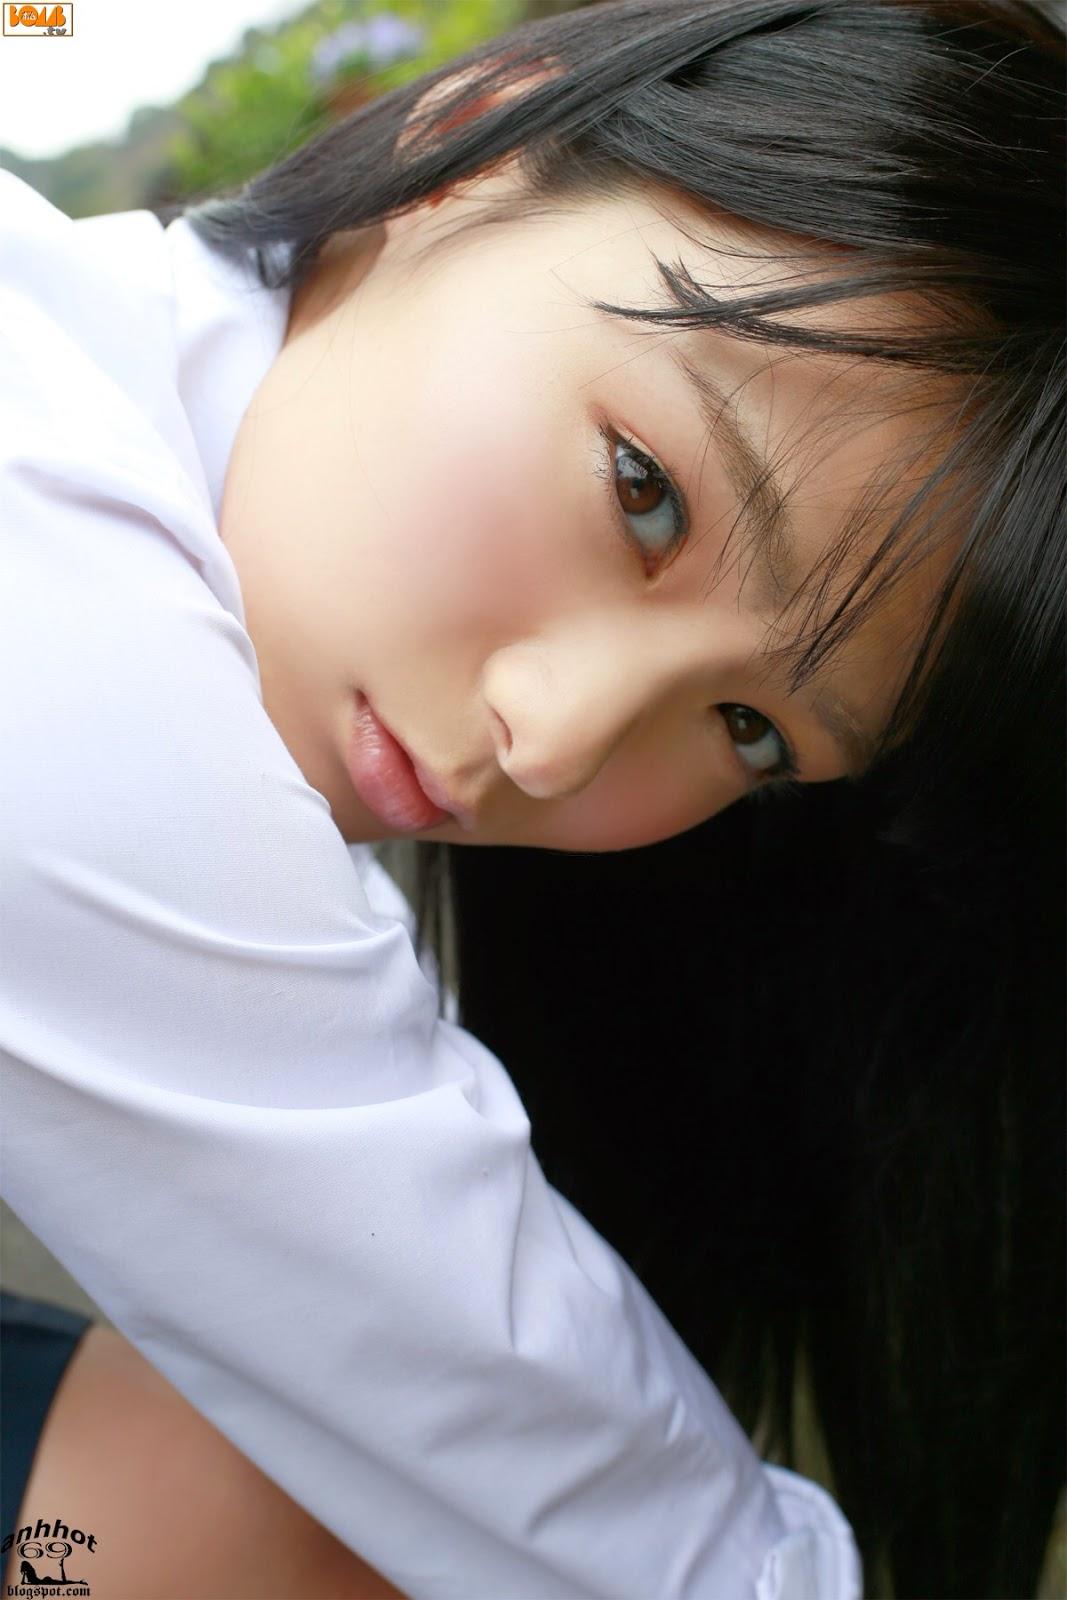 mizuki-hoshina-02127819